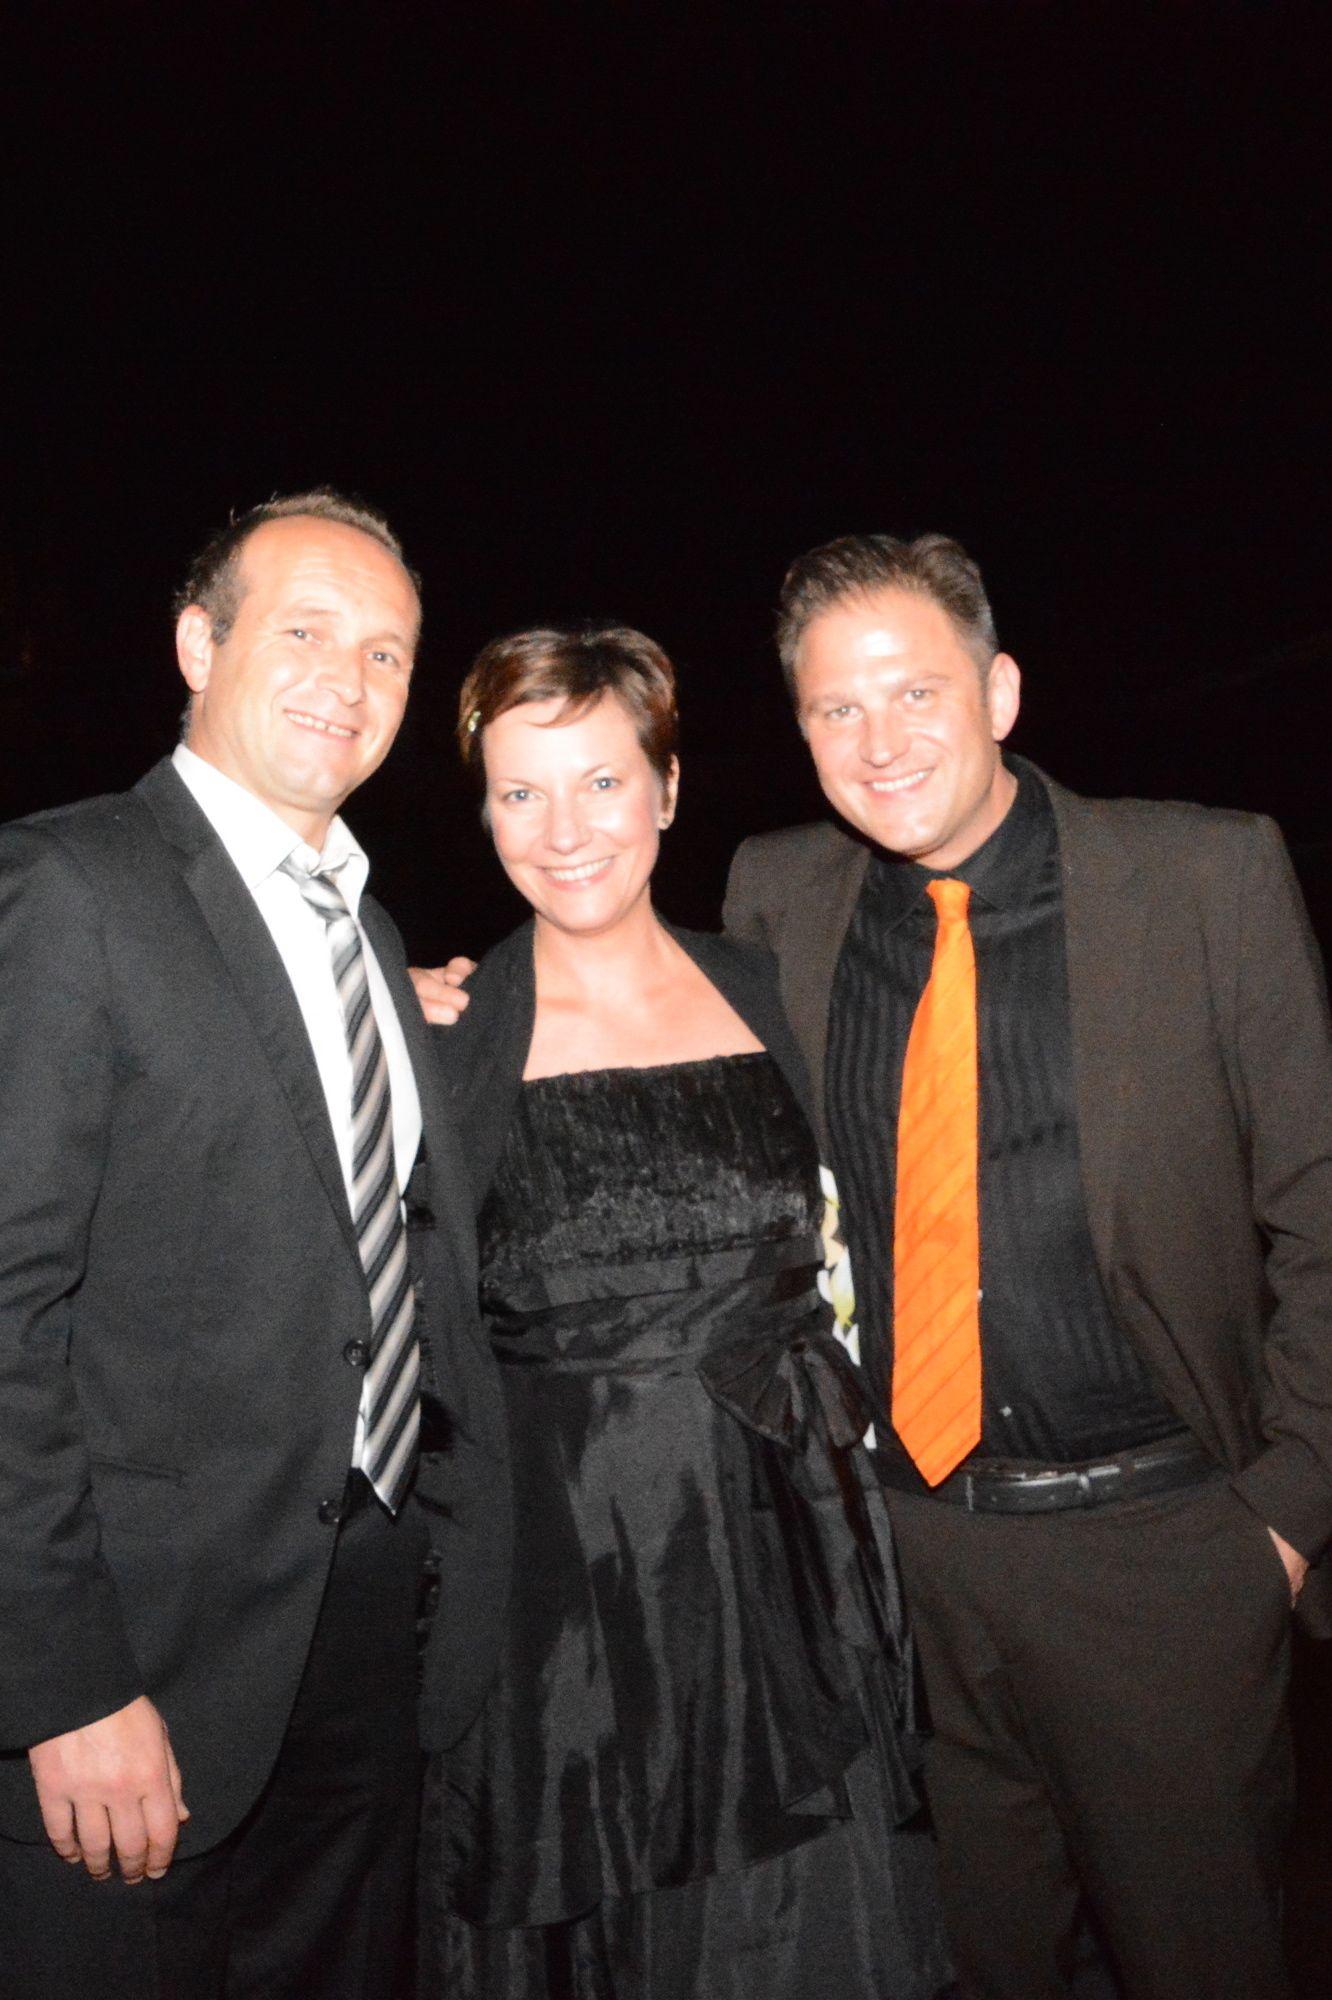 Herren und Damen des ruhenden Balls: Dirk Lottner, Alexandra Klaus und Autor Ralf Johnen